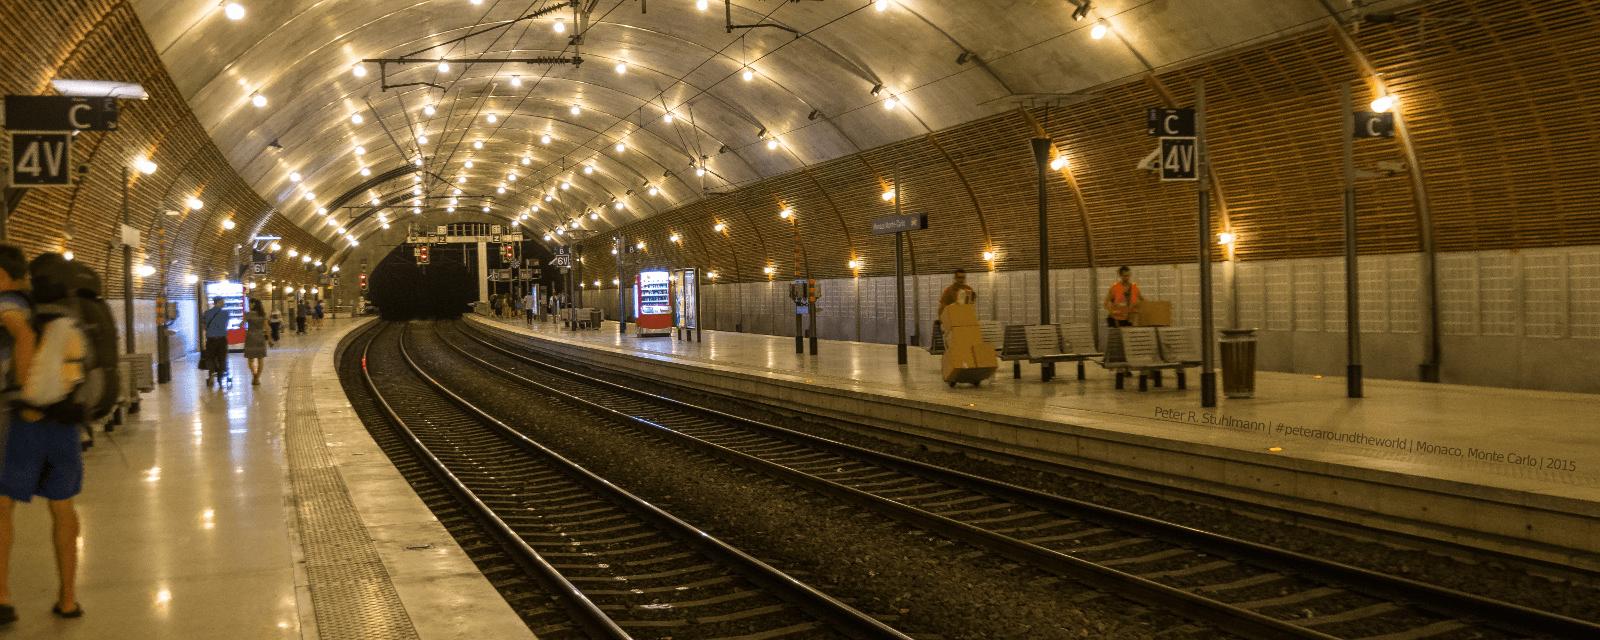 Der Bahnhof Monaco - Monte Carlo ist wegen des Platzmangels im Fürstentum in den Berg gebaut.